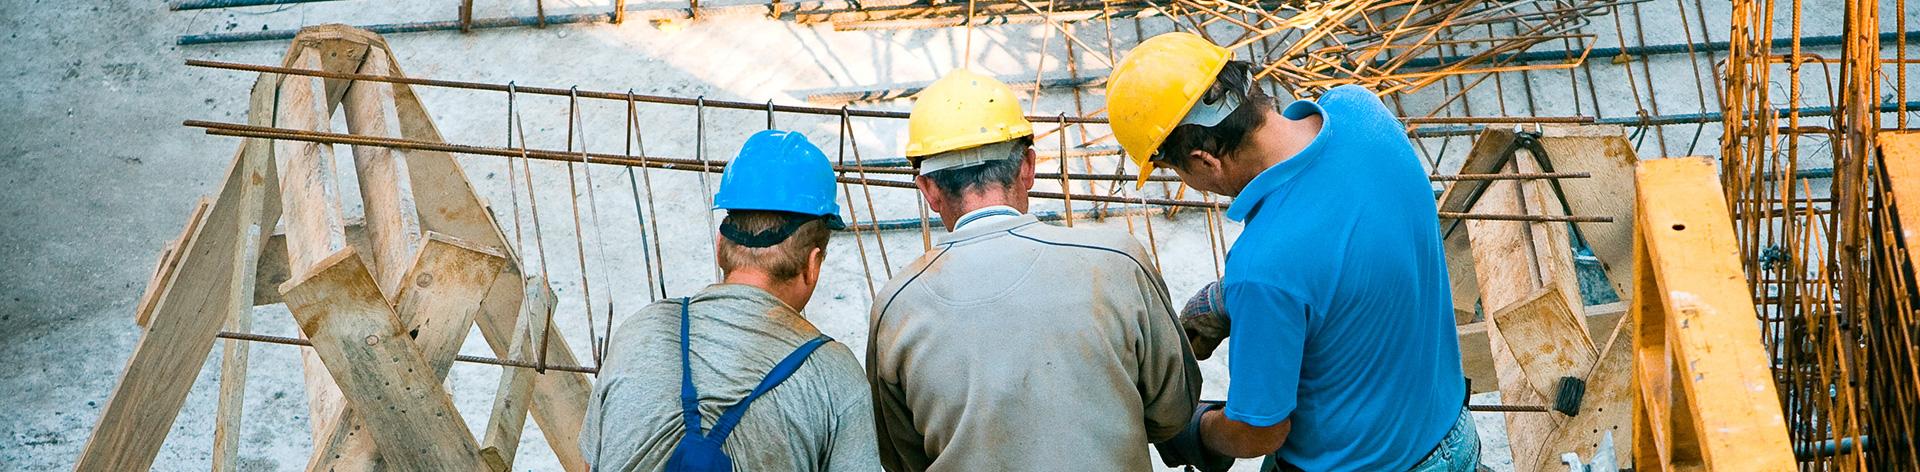 CER Group Services delivering HVAC services